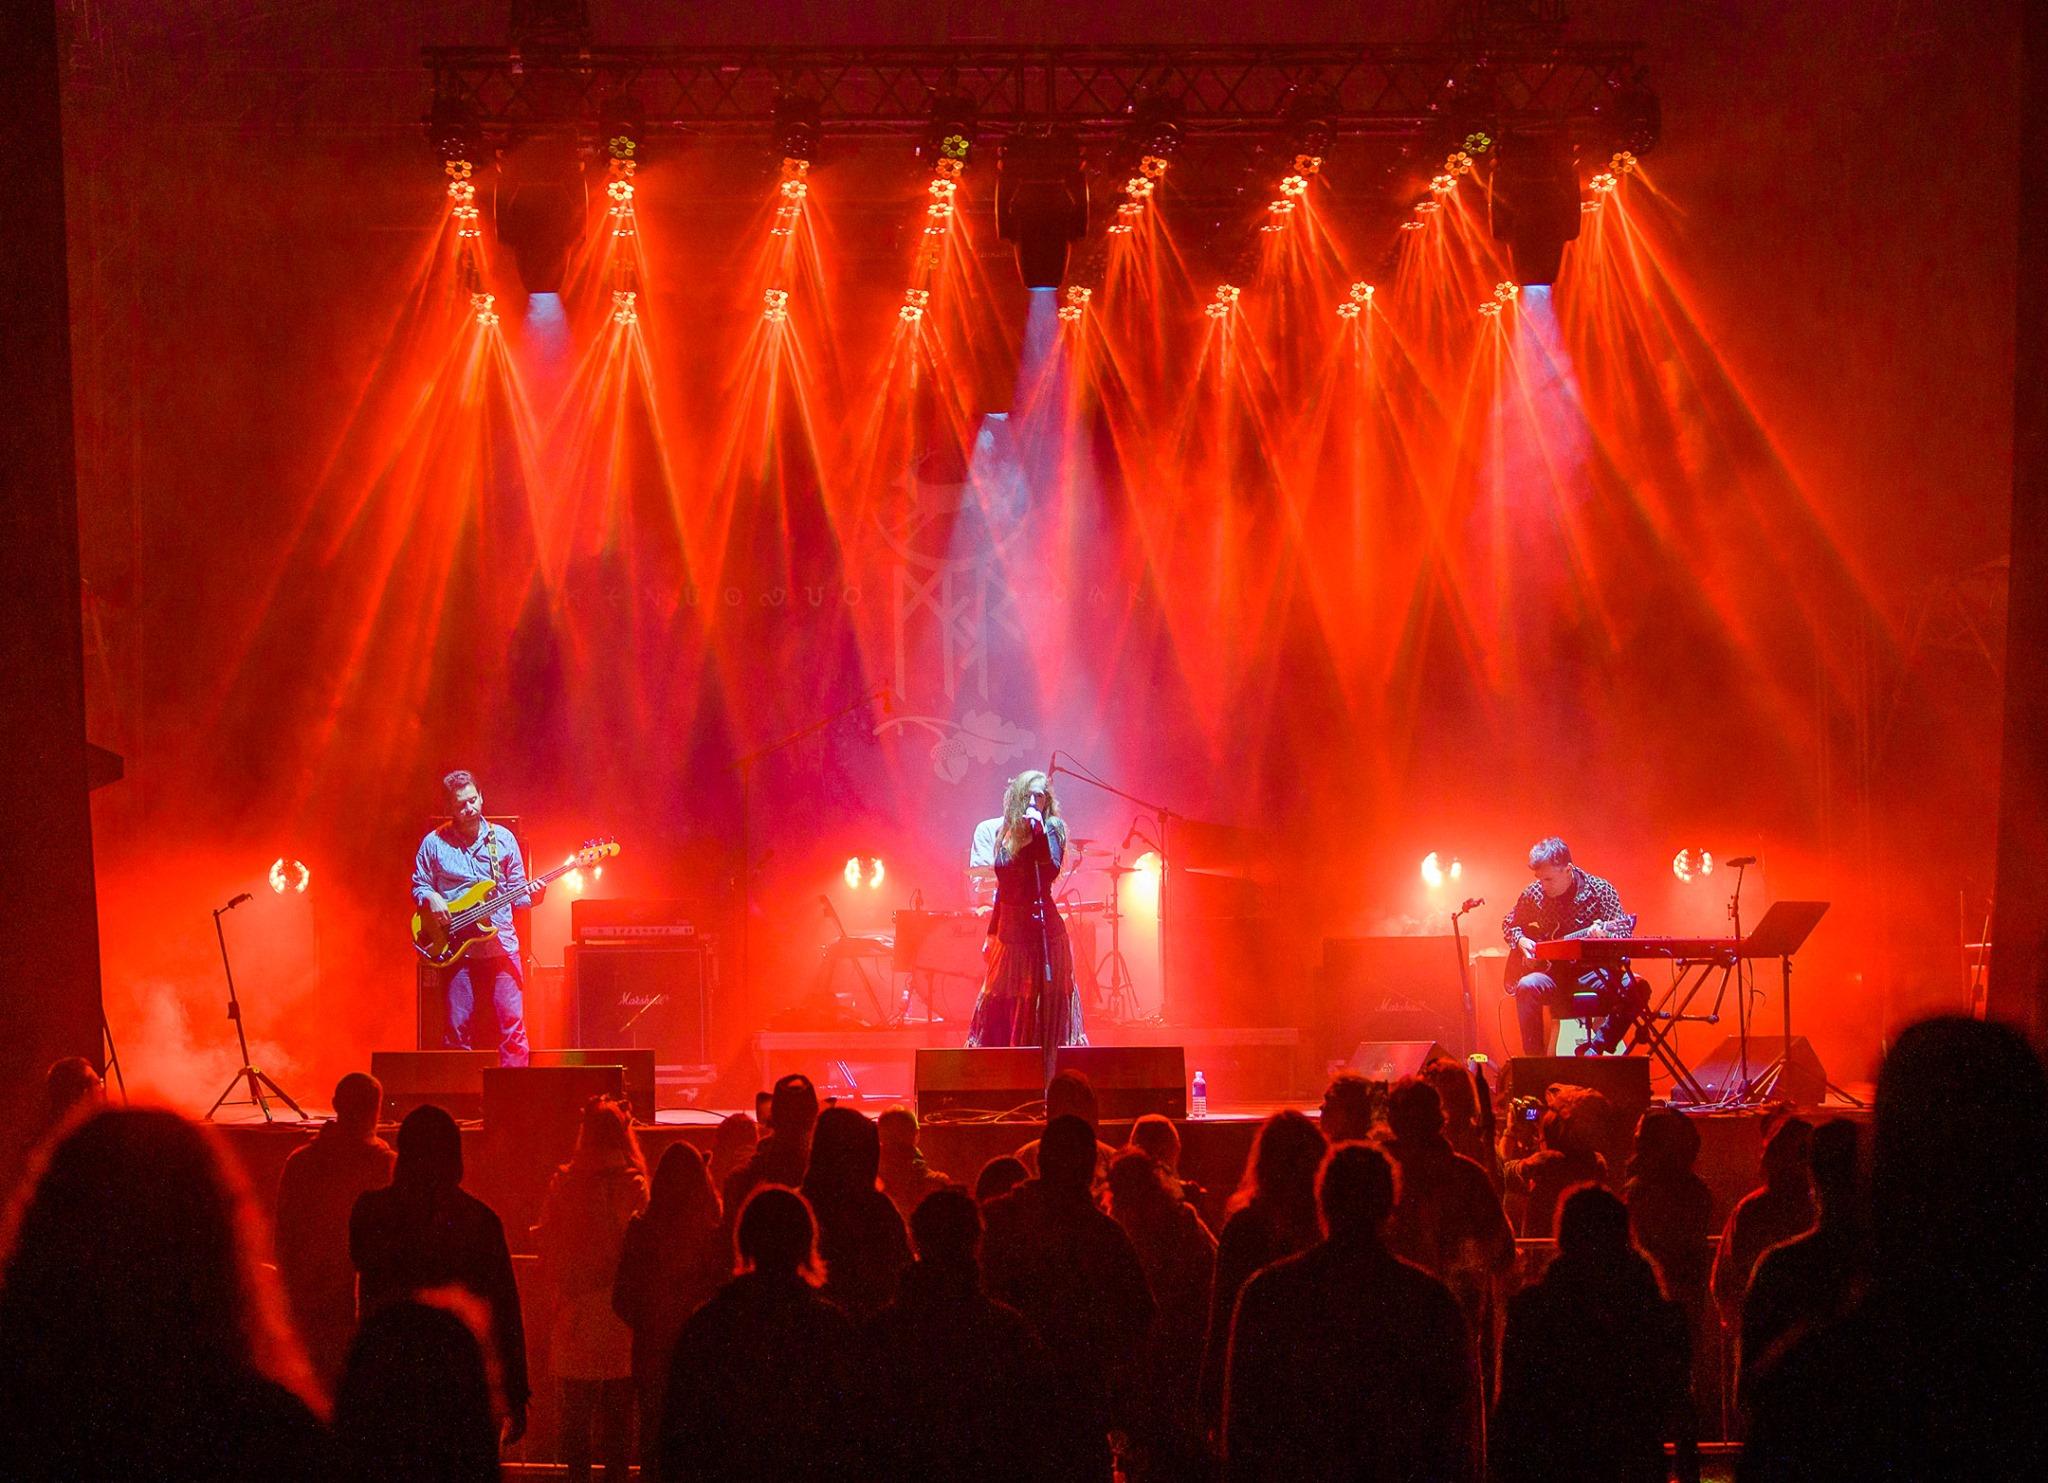 A zenekar a MJR Kaukynės XXI½ fesztiválon Litvániában – Fotó: Mantas Puida